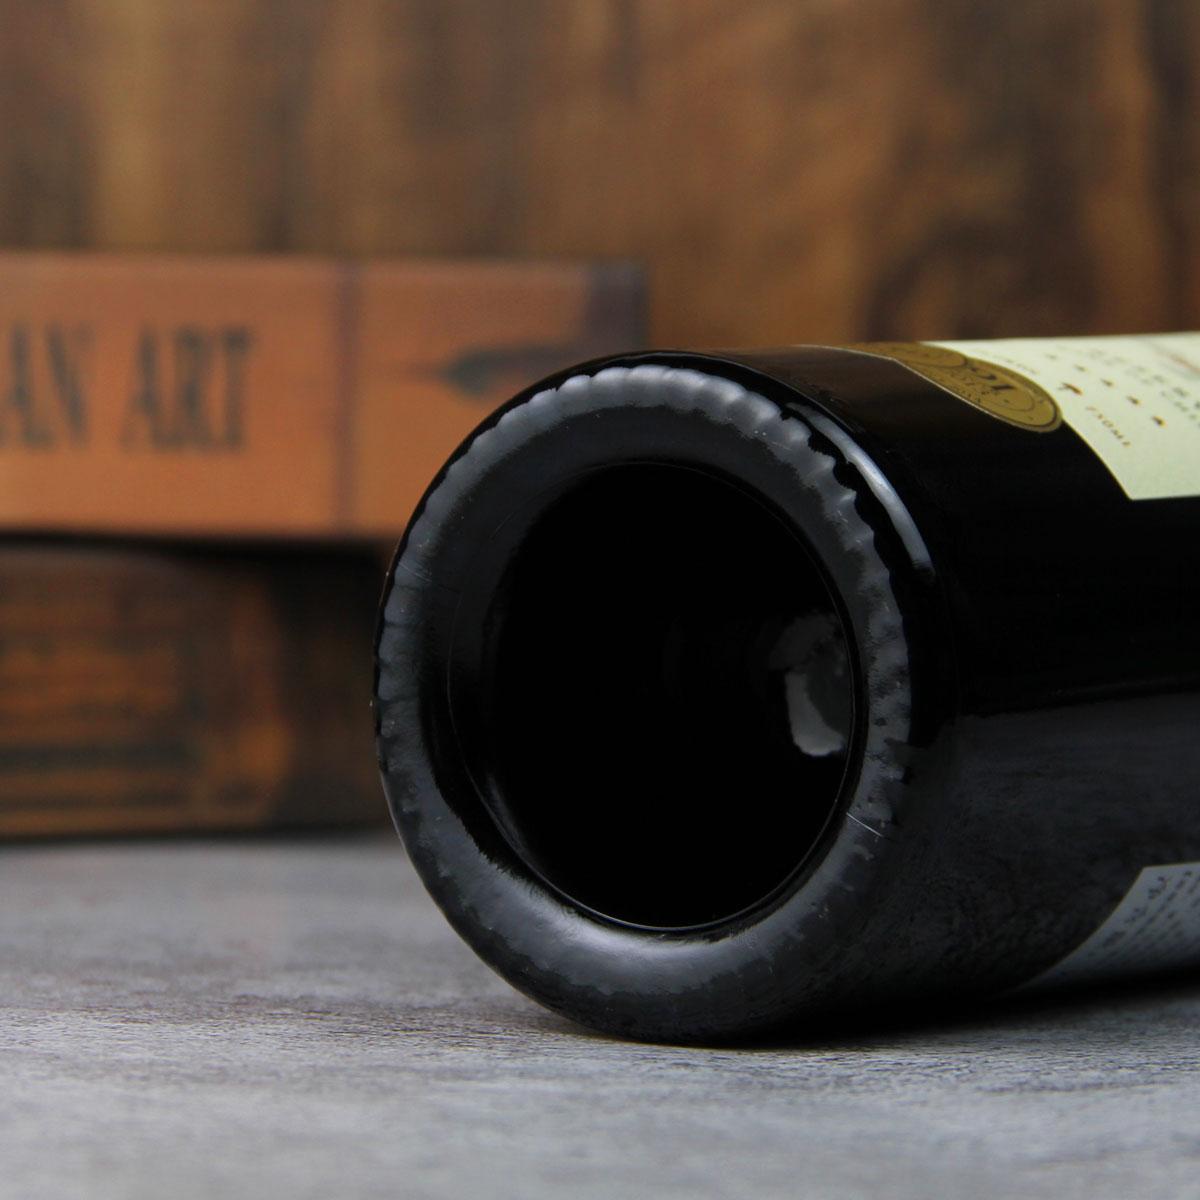 智利拉佩尔谷森林之王珍藏赤霞珠干红葡萄酒